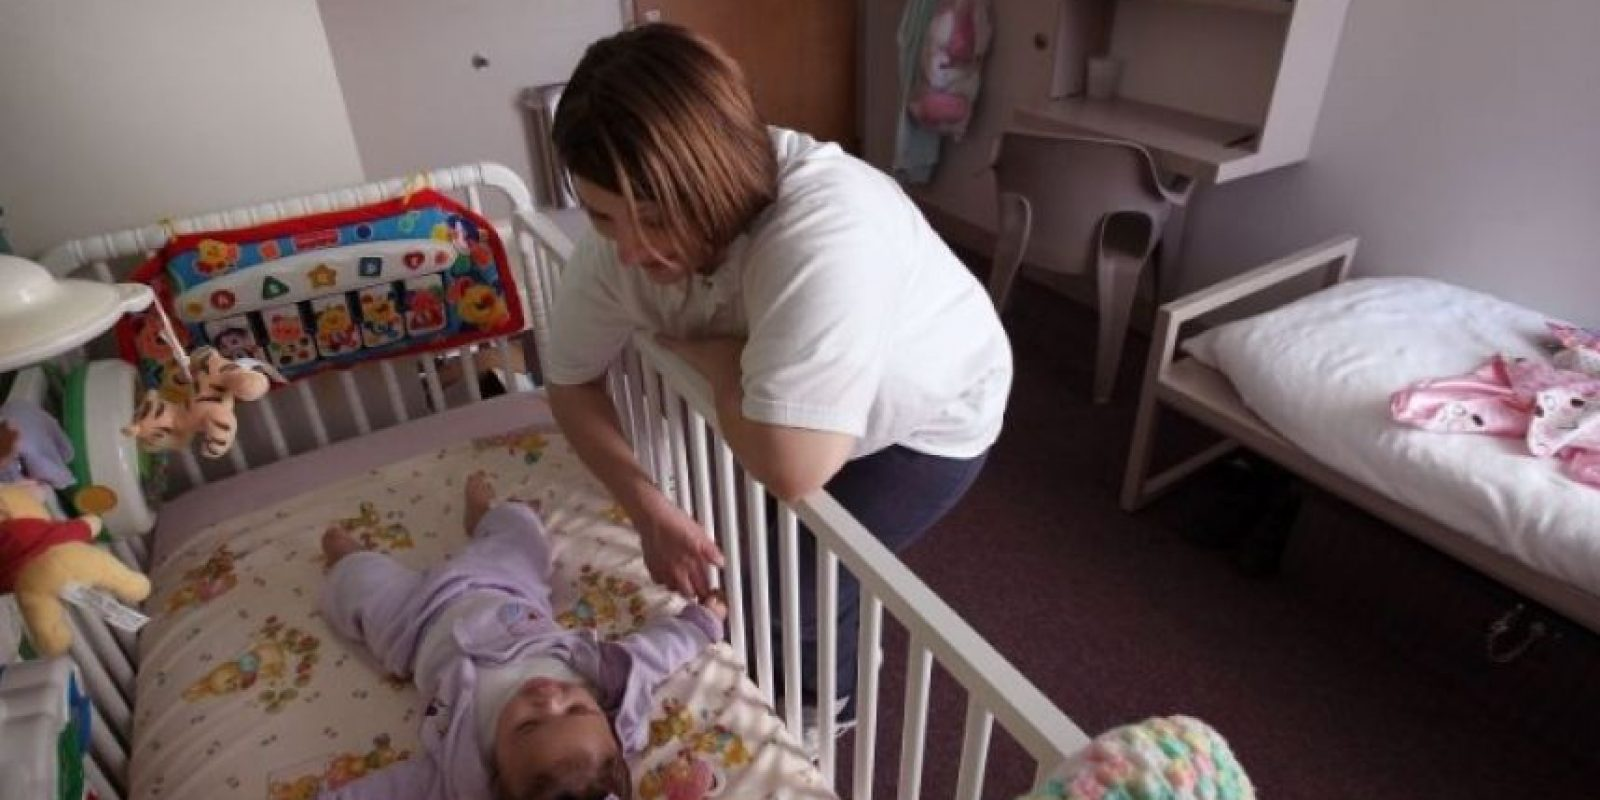 La bala de una ametralladora atravesó el vientre de la mujer y alcanzó a lastimar la cabeza del bebé que esperaba. Foto:Getty Images